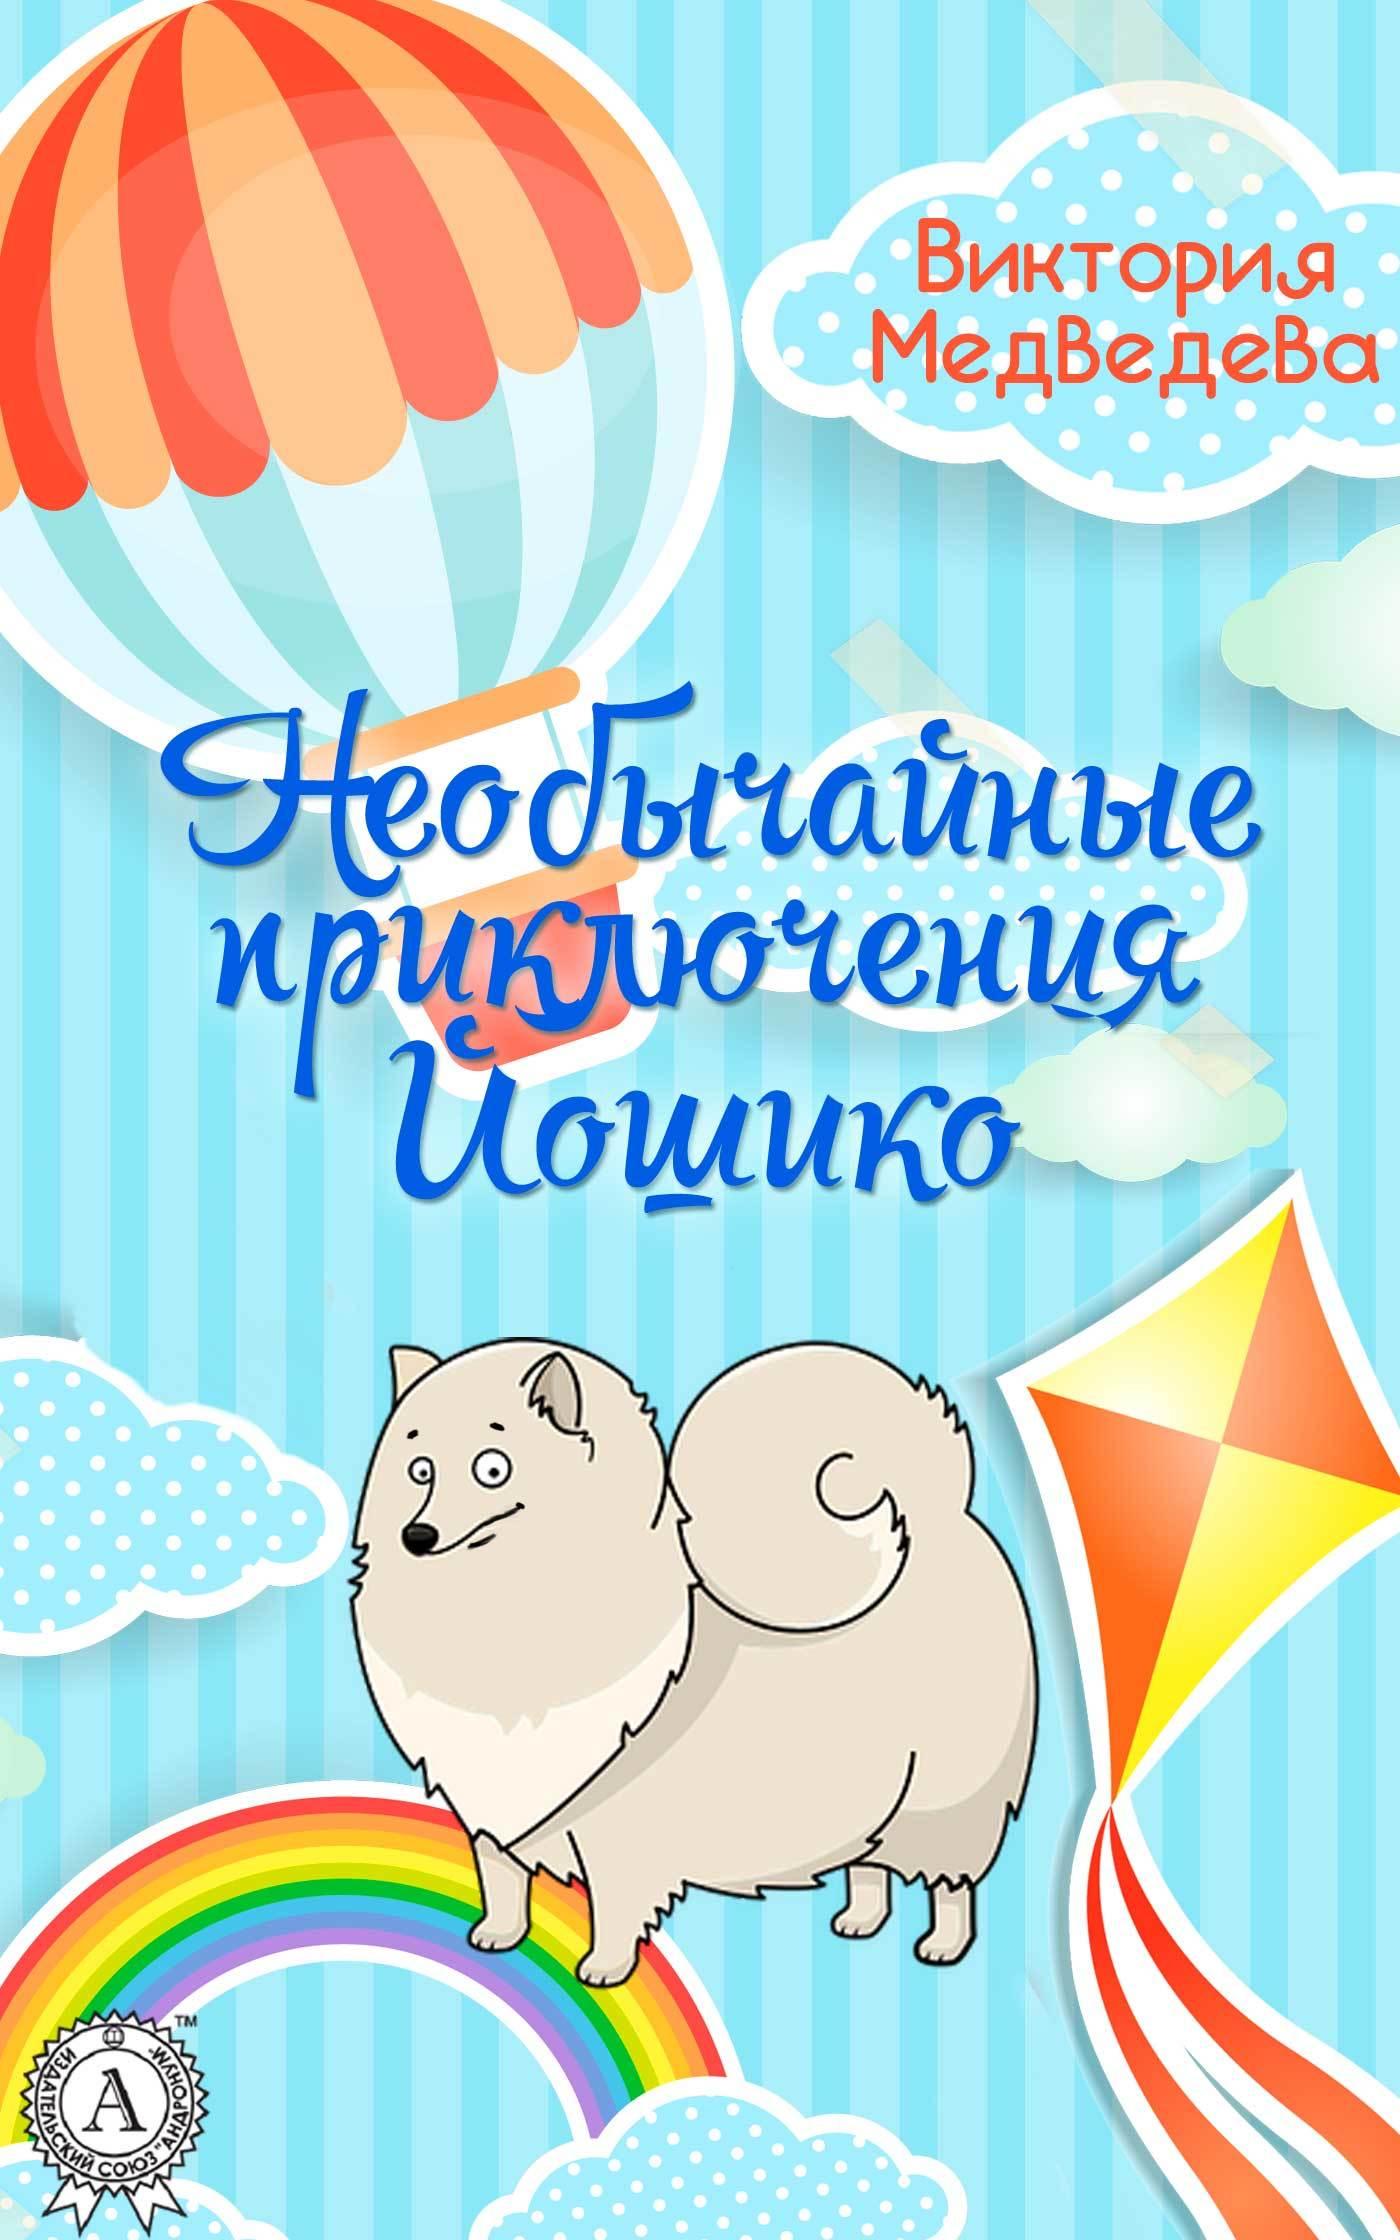 Виктория Медведева бесплатно